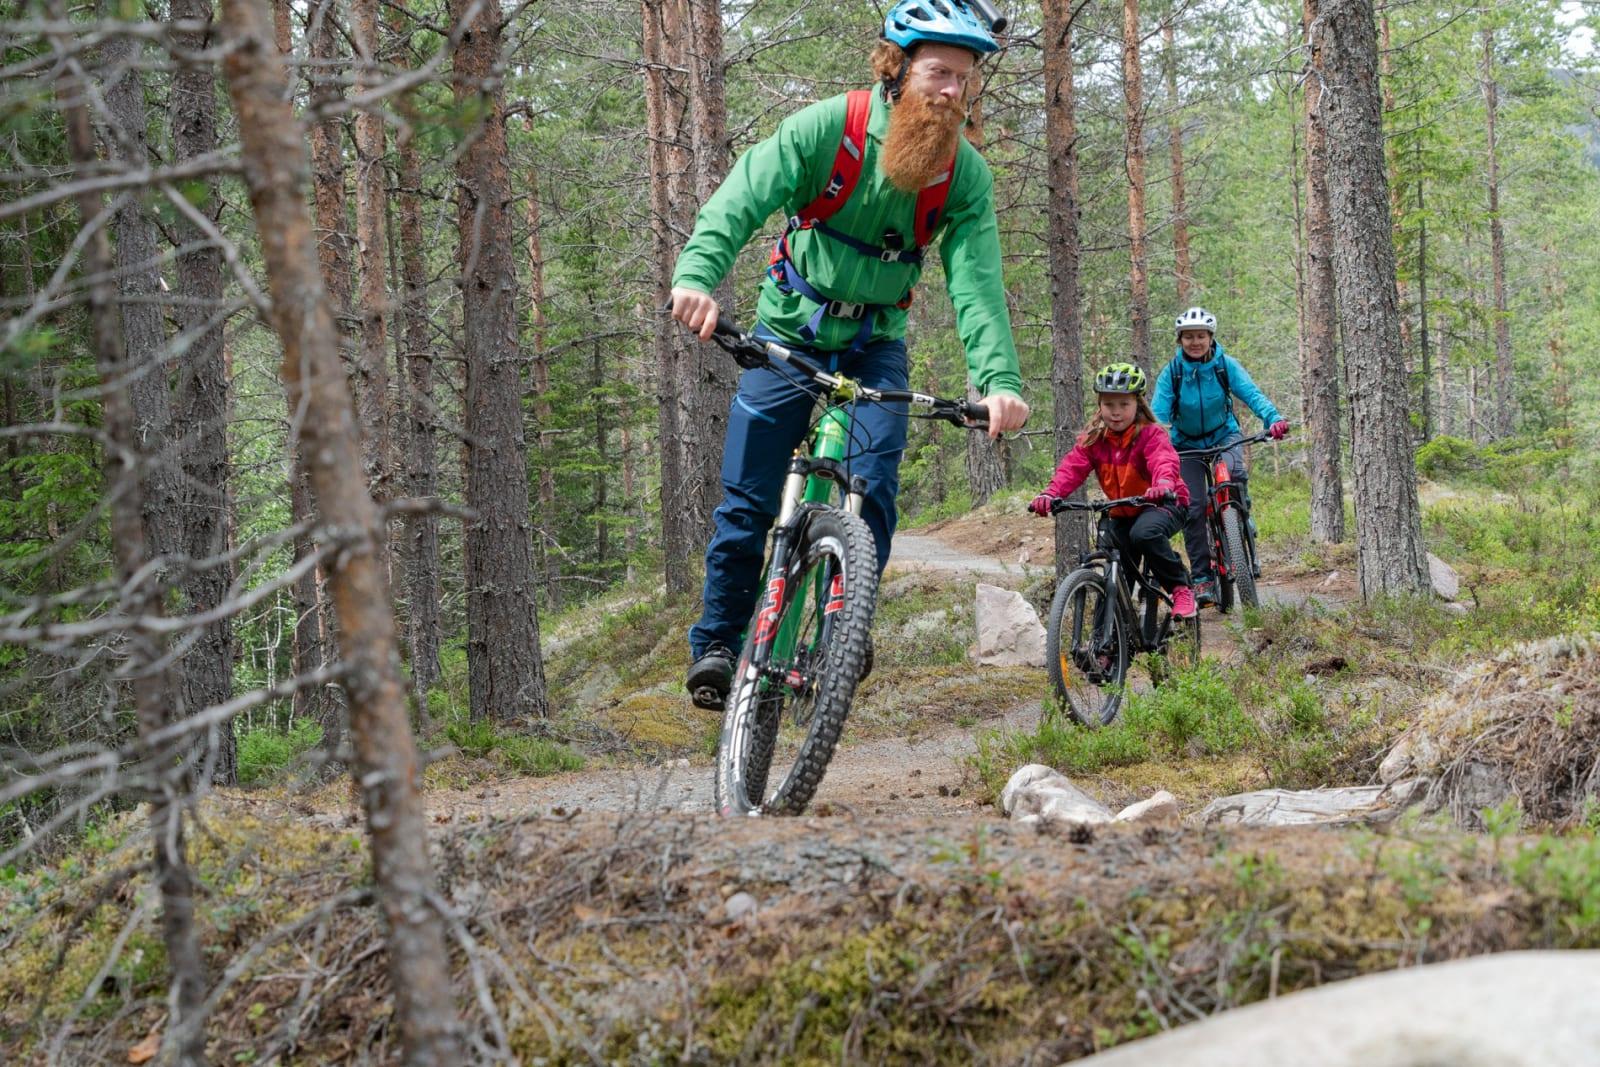 NYBEGYNNERTIPS: Aslak Mørstad dro til Trysil for å hjelpe mor (Irene Runningen) og datter (Live) med sykkelteknikken. Bilde: Christian Nerdrum